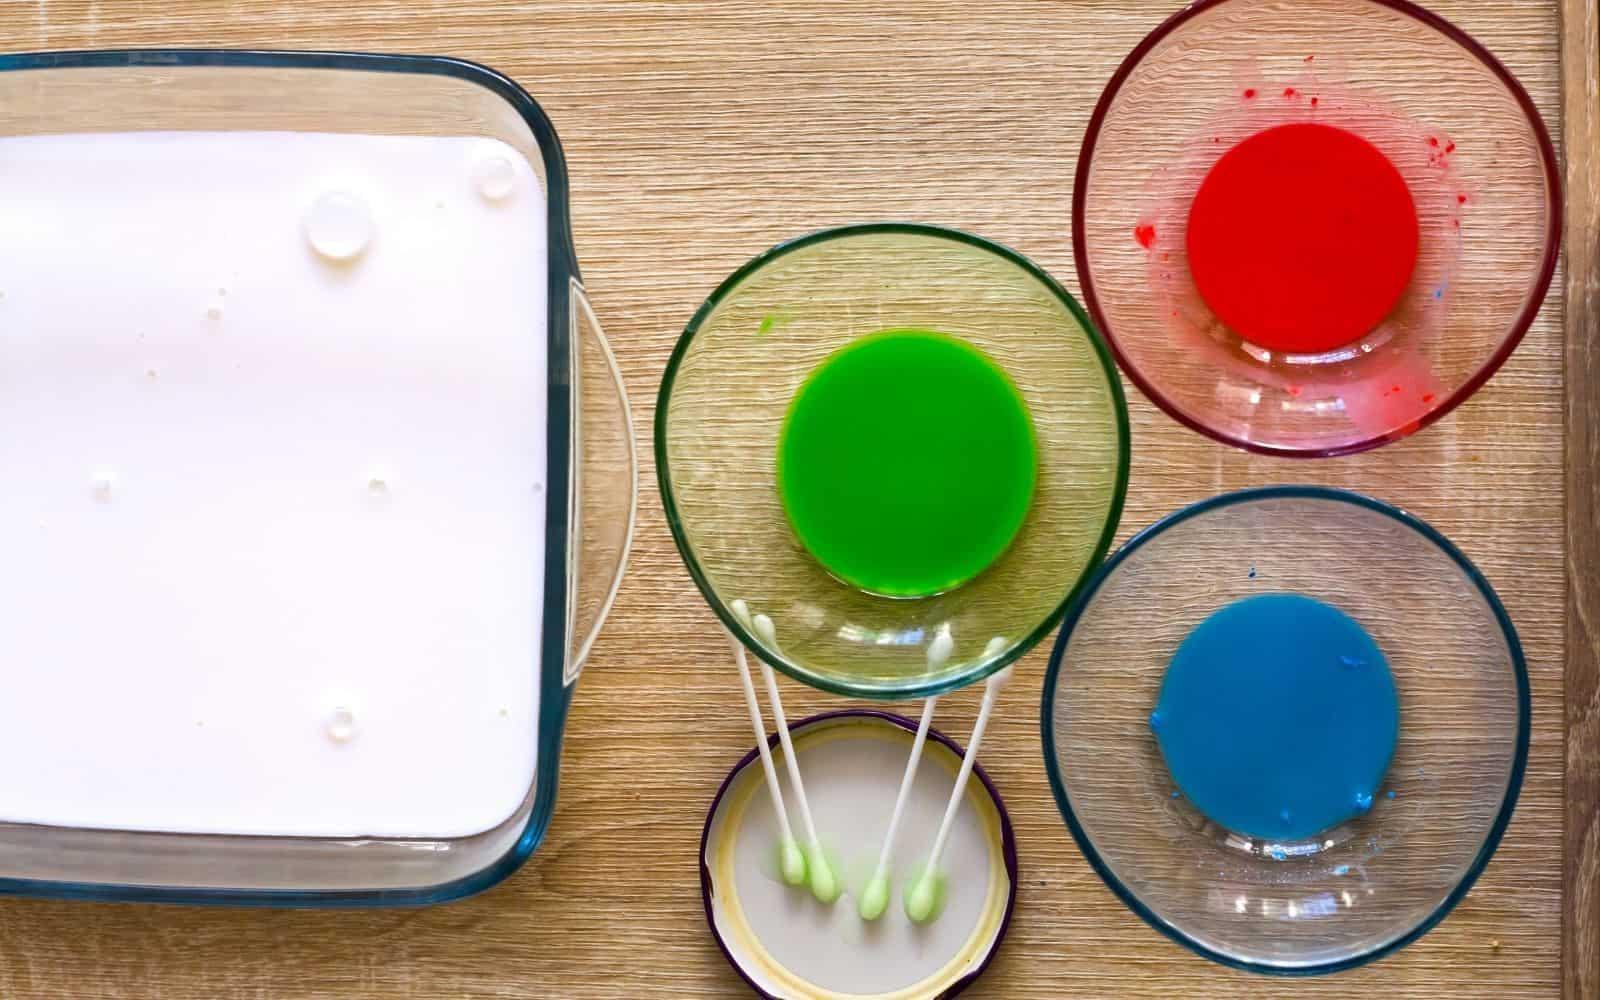 preschool science activity ideas